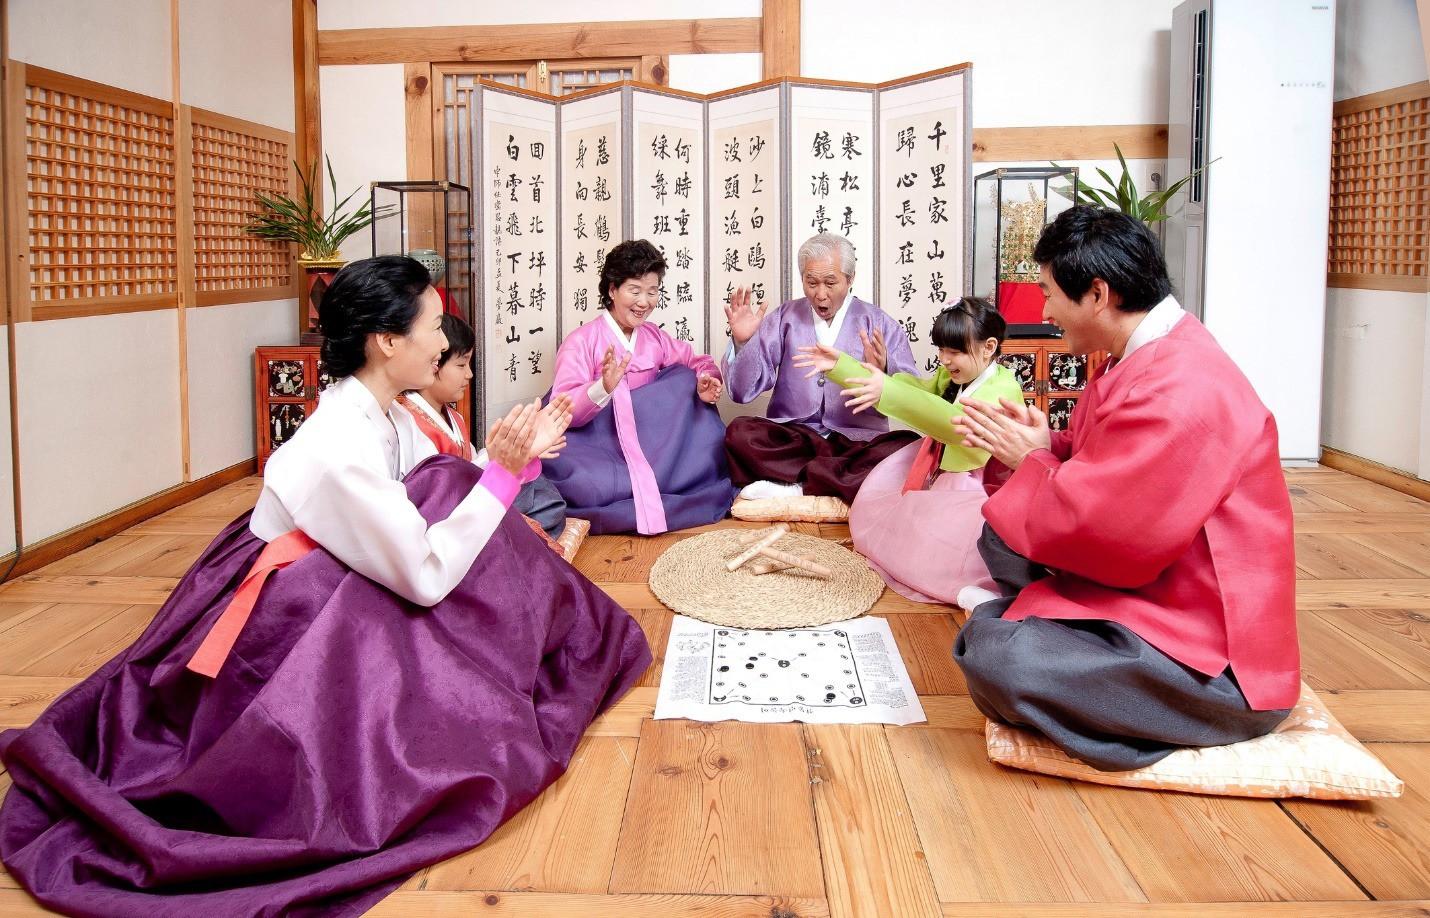 8 điều thú vị về ngày Tết ở Hàn Quốc: Điều thứ 3 cũng giống với văn hóa truyền thống Việt Nam - Ảnh 1.